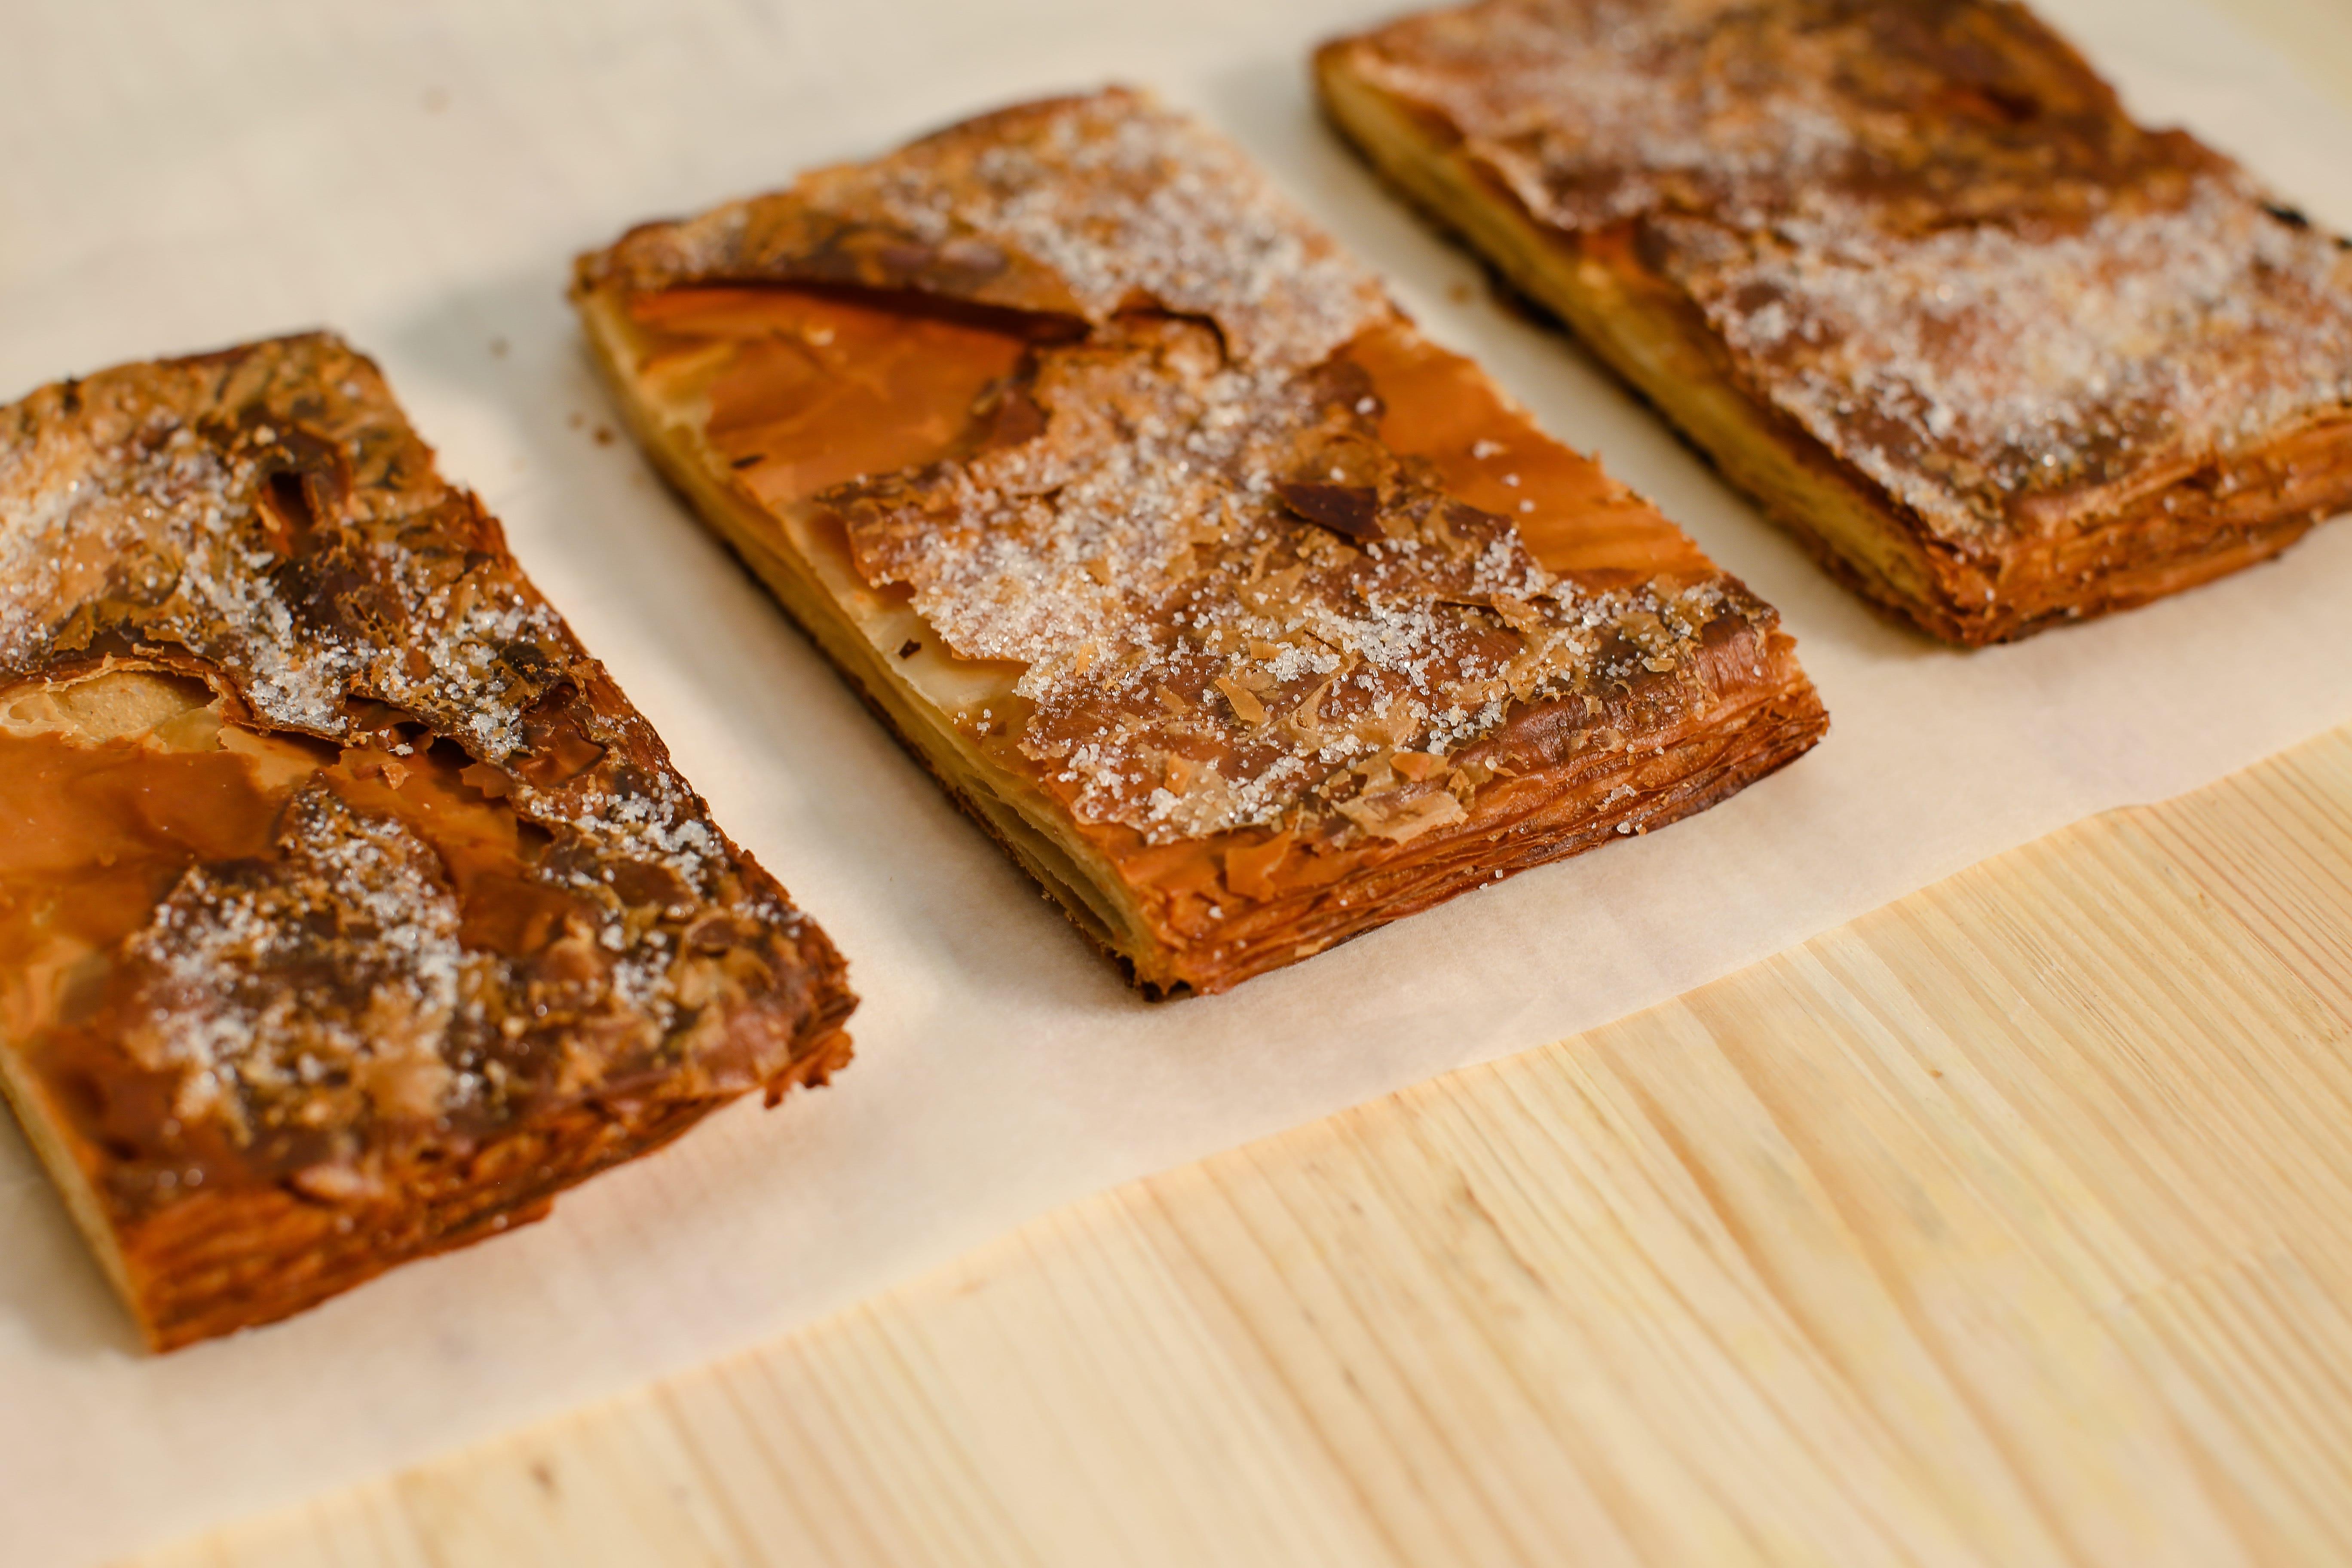 Зняти пергамент та решітку і посипати тісто цукровою пудрою, аби воно карамелізувалося. Тримати в духові ще 8-10 хвилин.